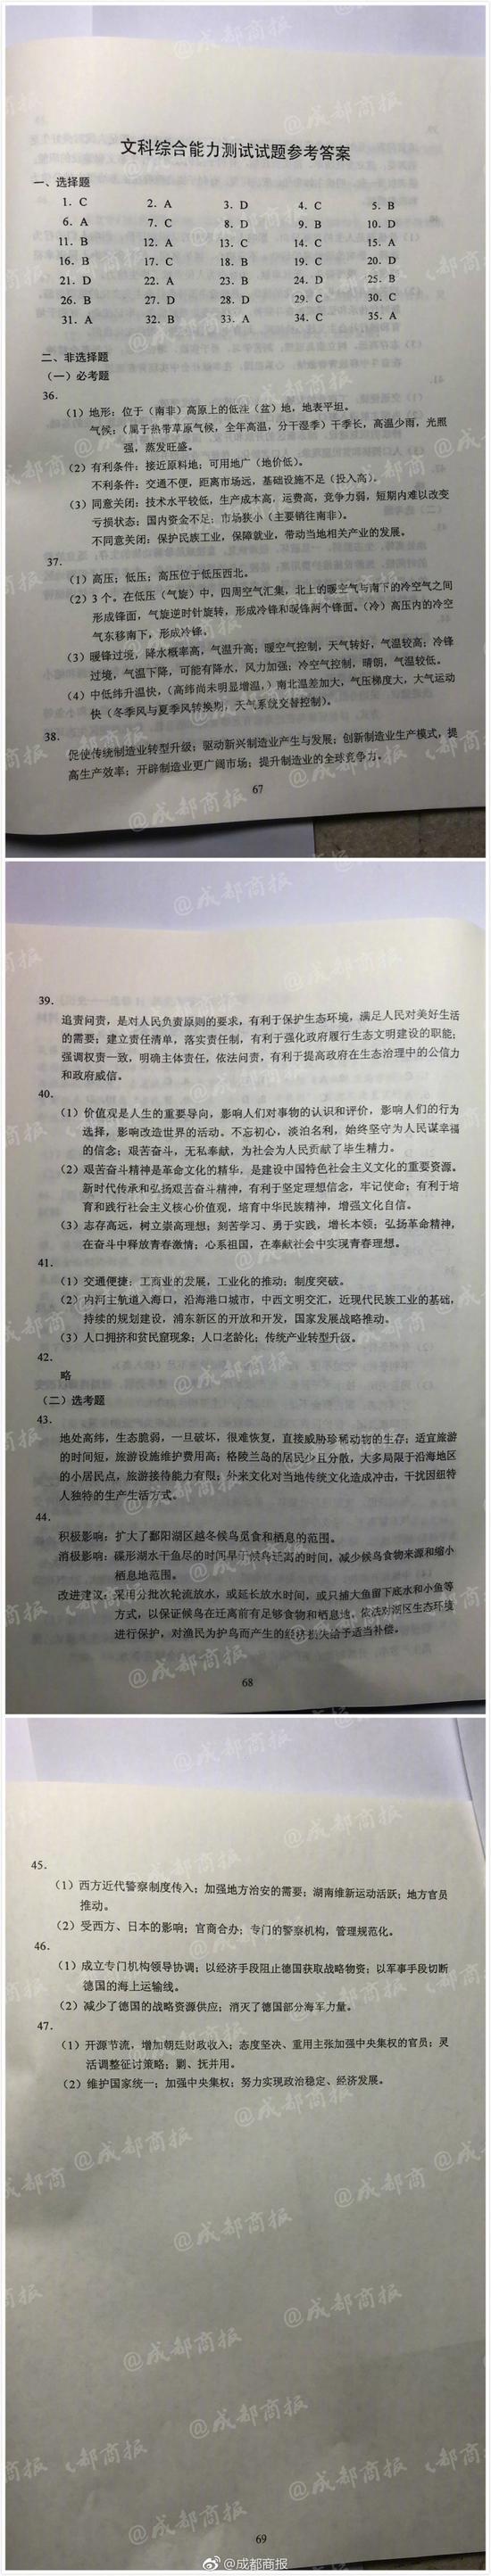 2018高考文科综合真题(全国卷3)参考答案